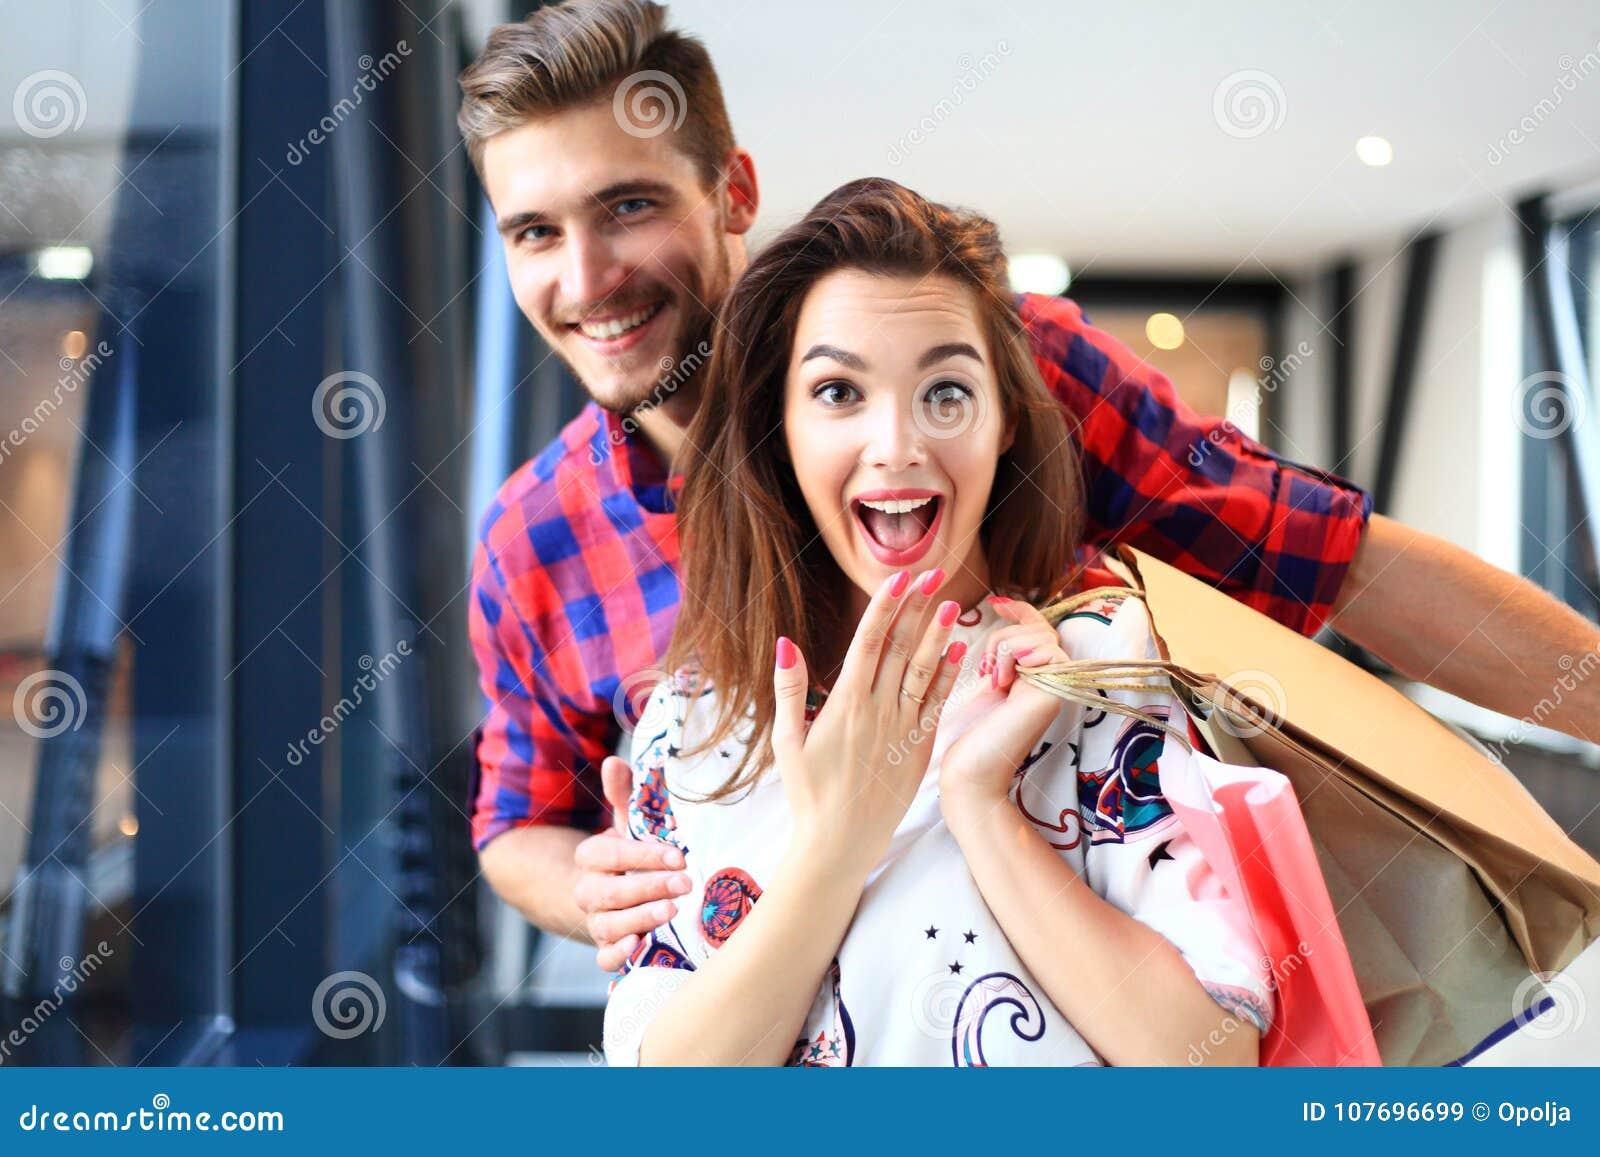 Sprzedaż, konsumeryzm i ludzie pojęć, - szczęśliwi potomstwa dobierają się z torba na zakupy chodzi w centrum handlowym